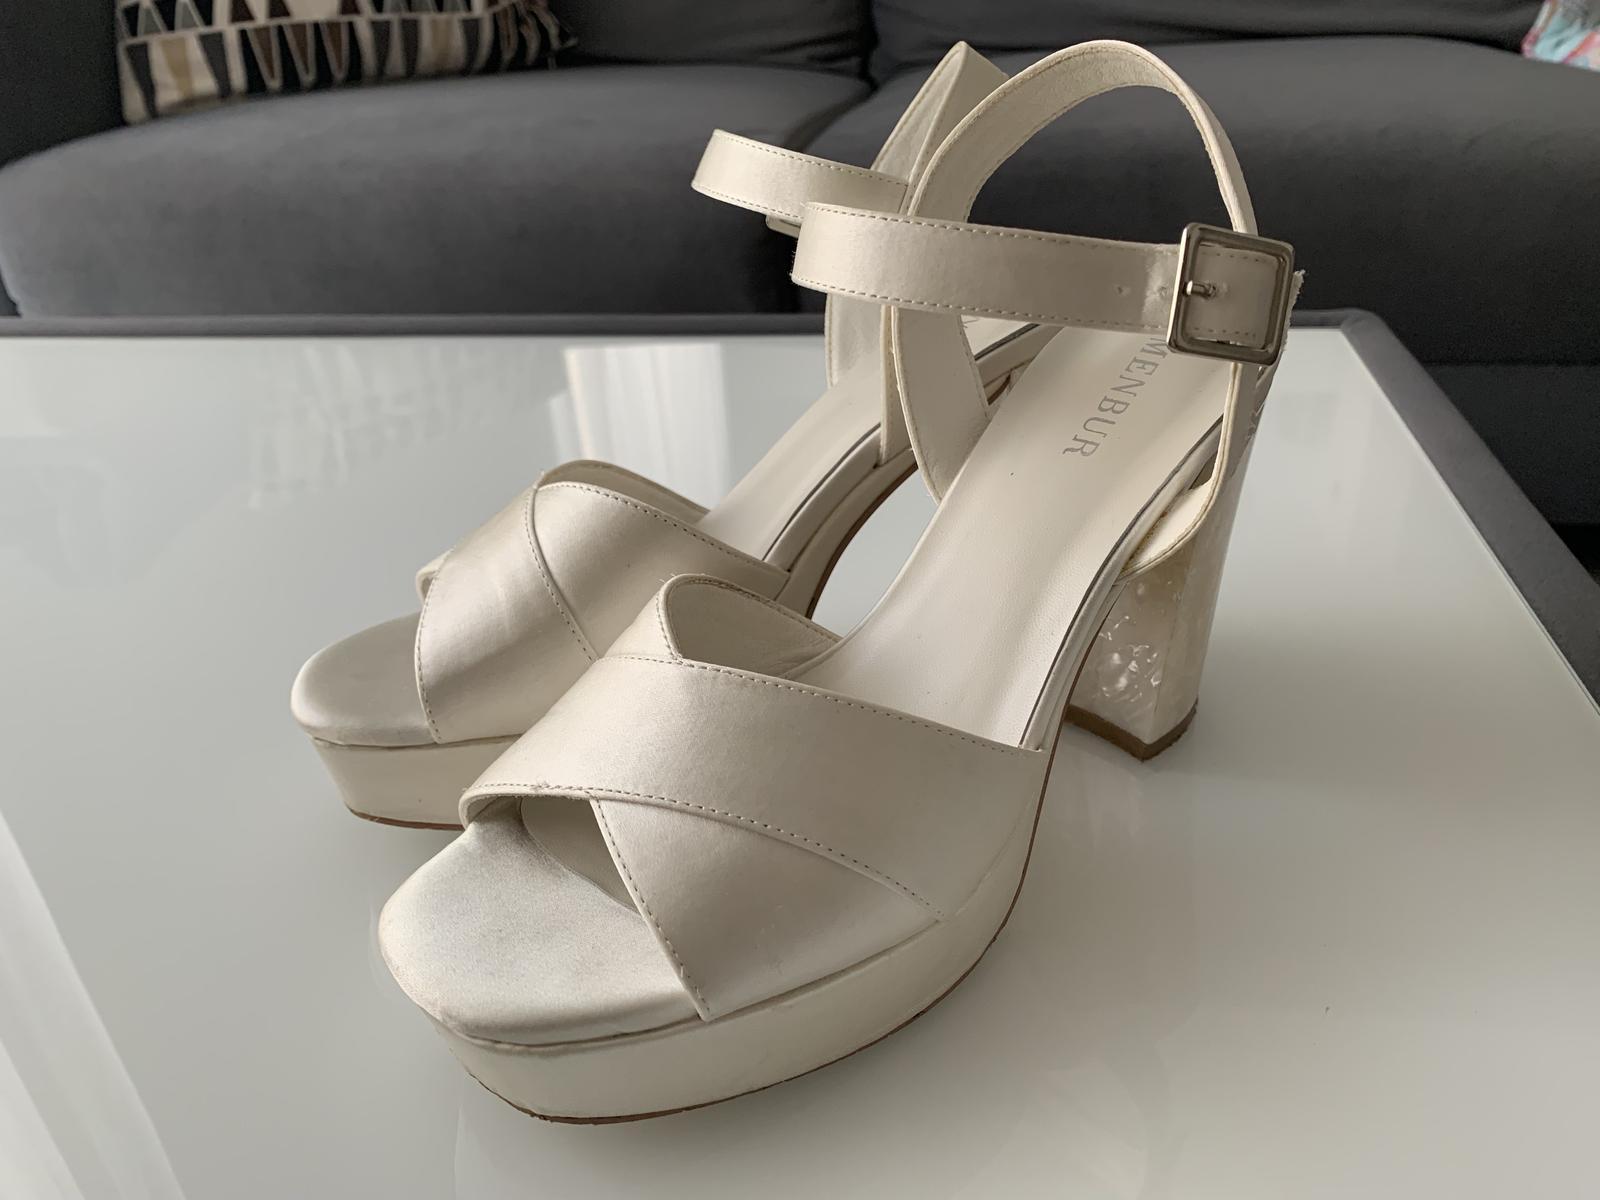 Svatební boty Menbur velikost 38 - Obrázek č. 1